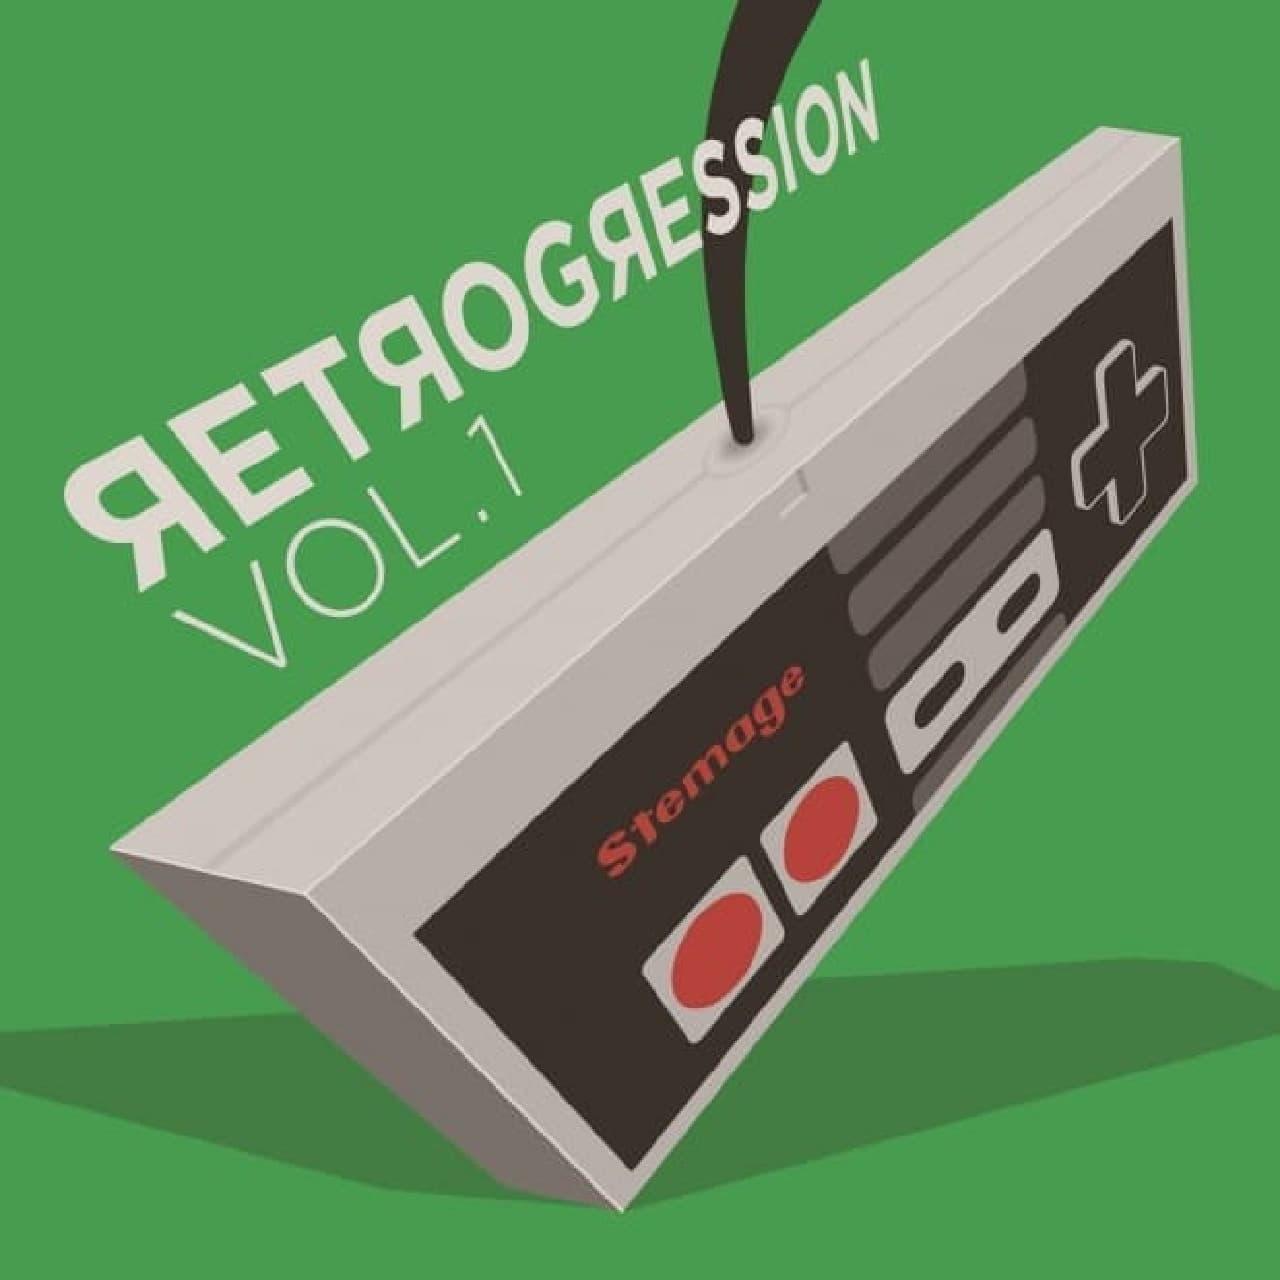 懐かしいゲーム音楽を集めたデジタルアルバム「RETROGRESSION: VOL.1」